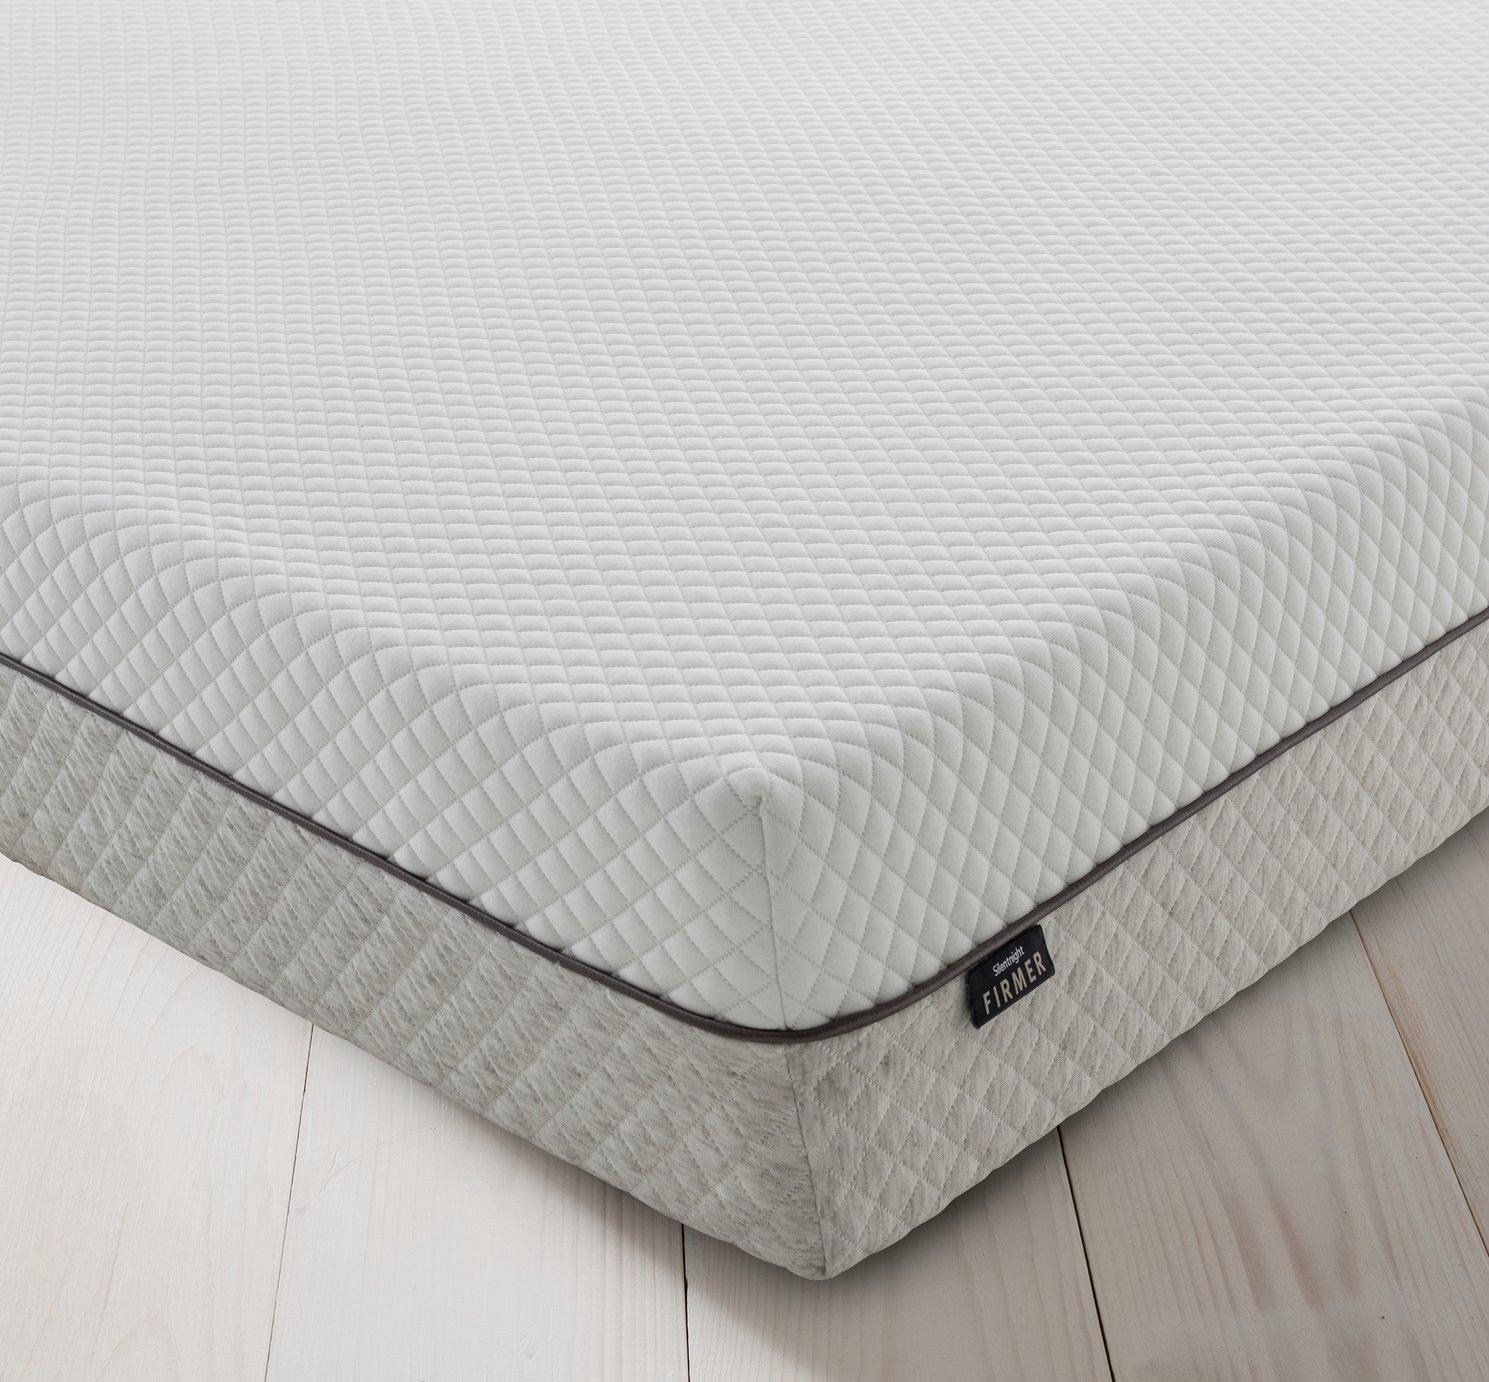 Silentnight Dual Comfort Double Mattress